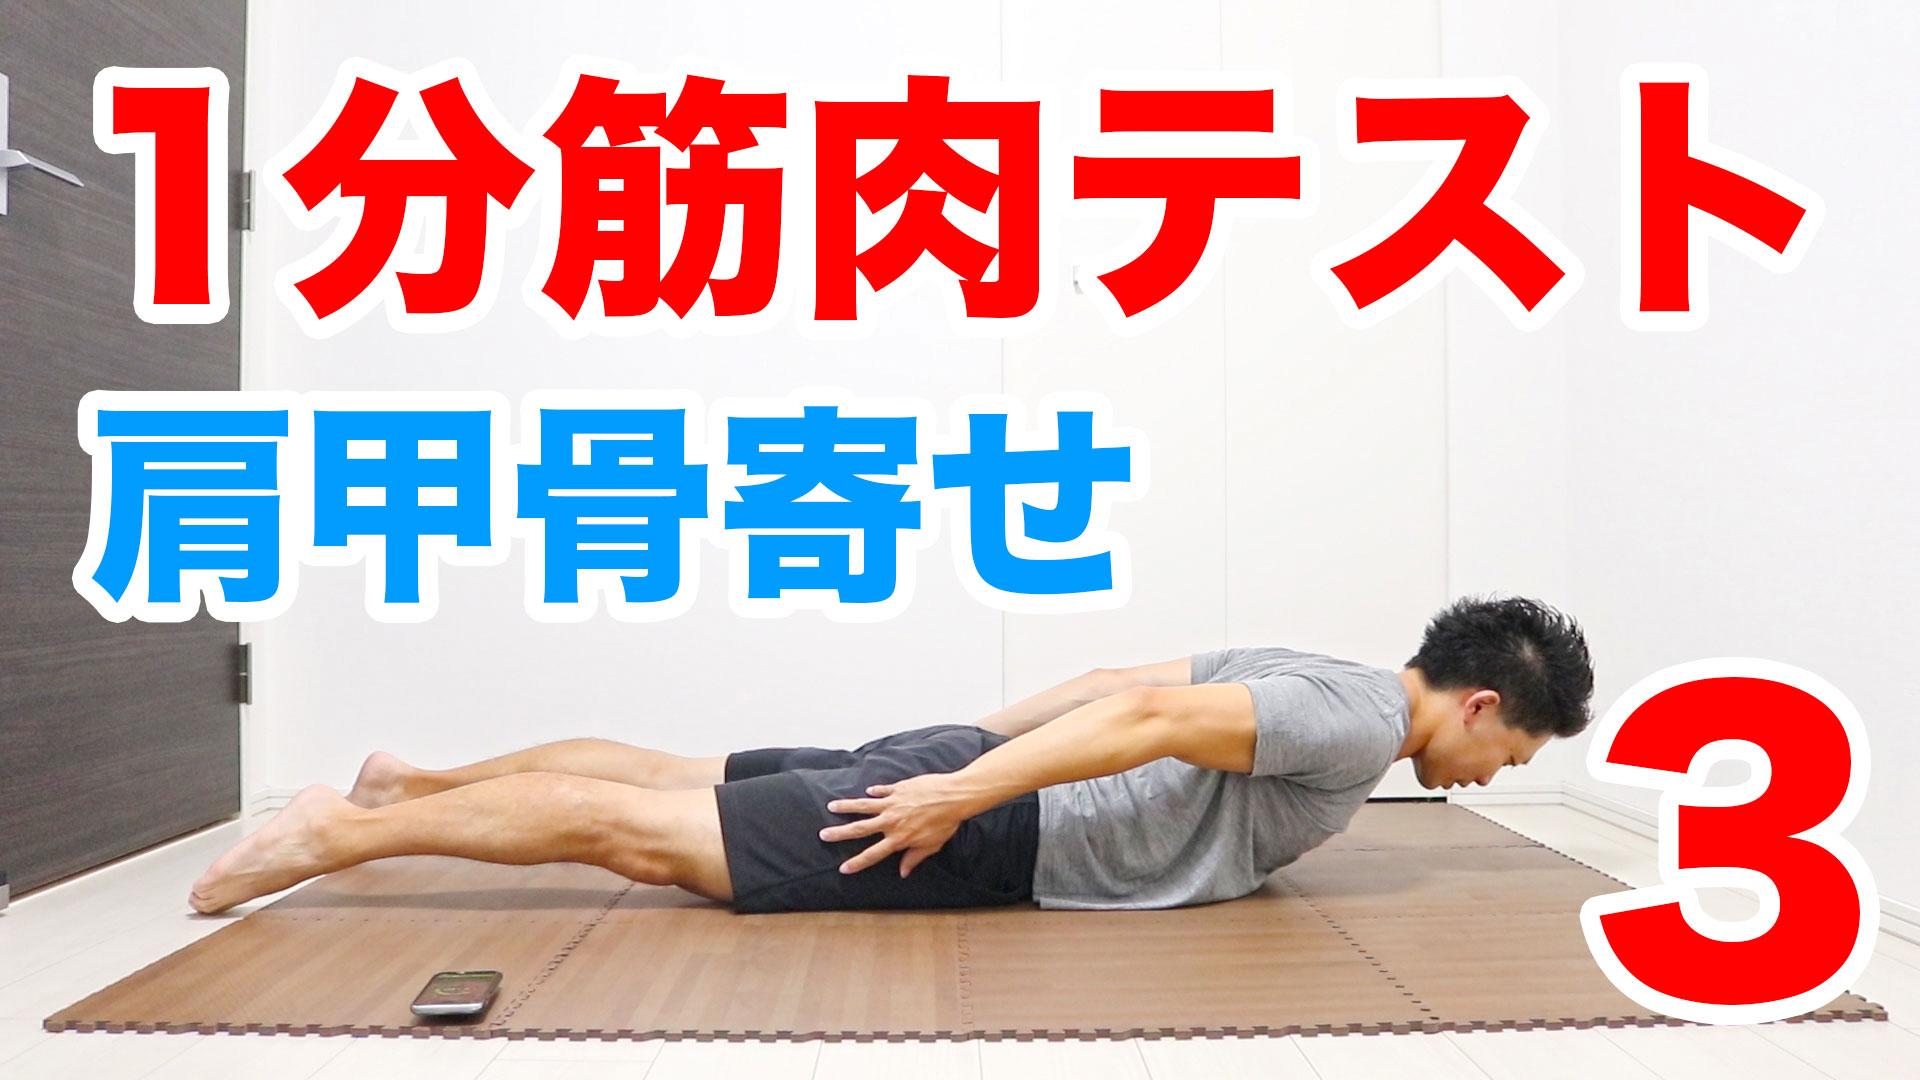 1分筋肉テスト3